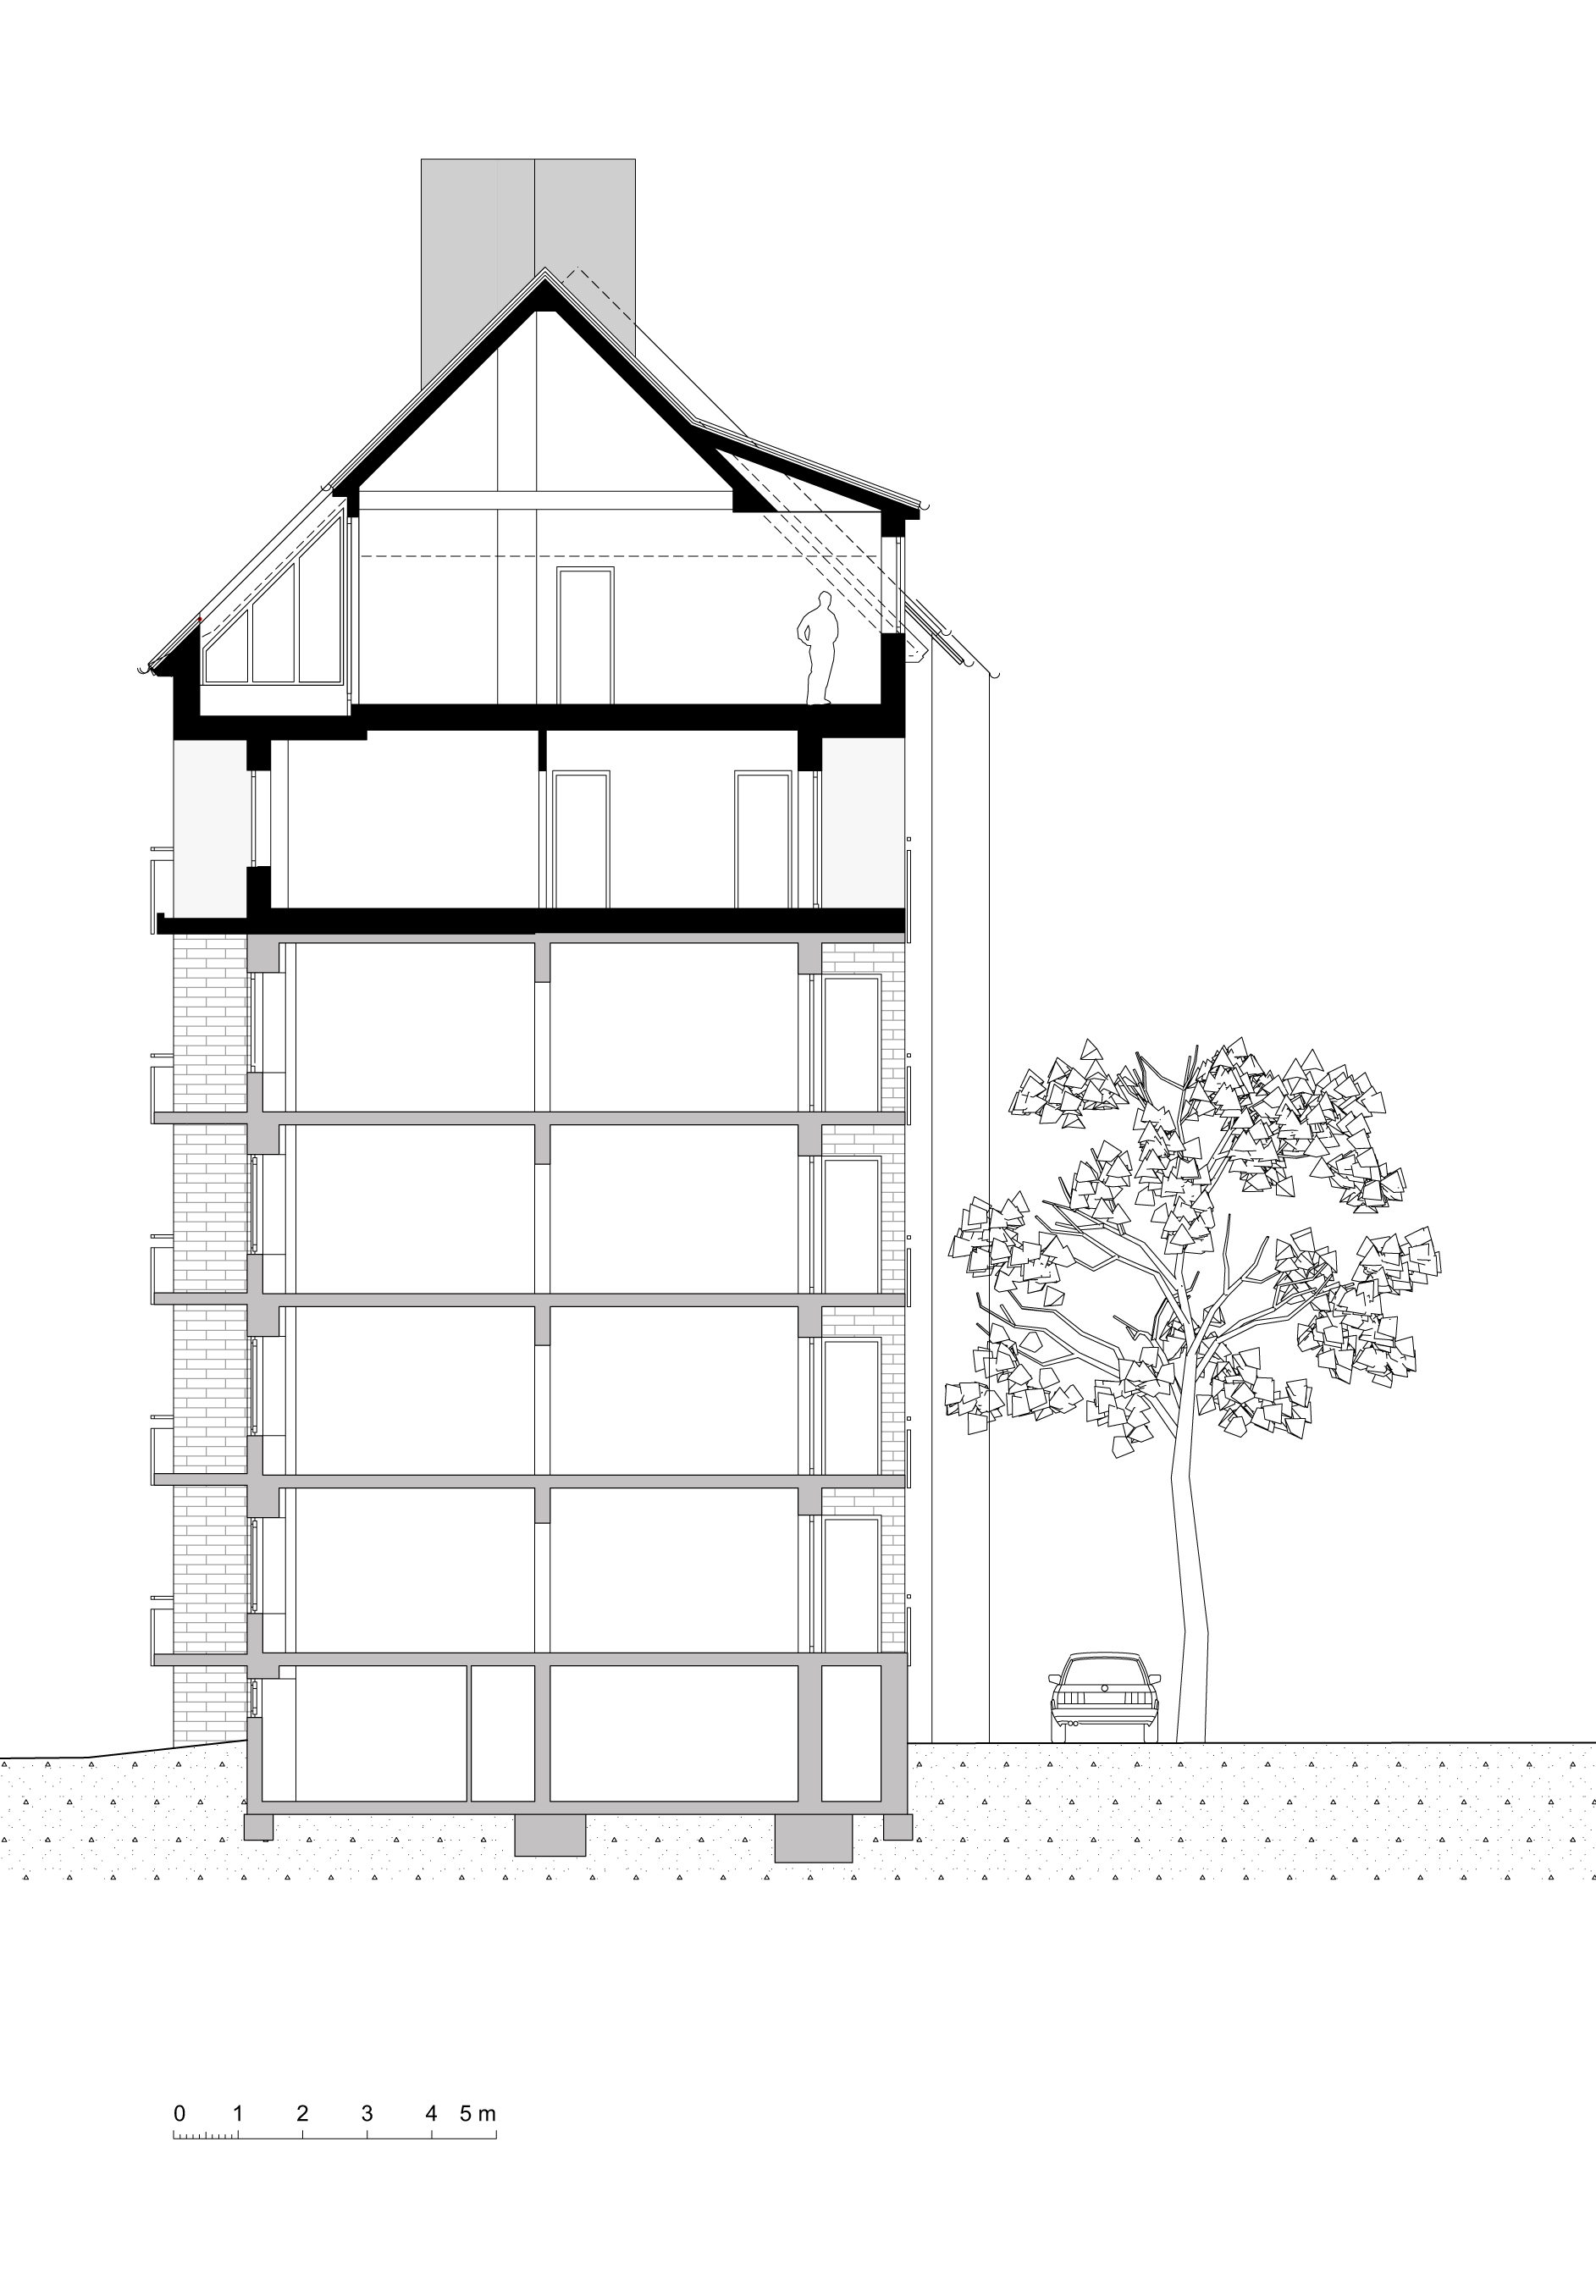 schnitt zeichnen architektur damit knnen nun auch die genutzt werden schnitt zeichnen. Black Bedroom Furniture Sets. Home Design Ideas